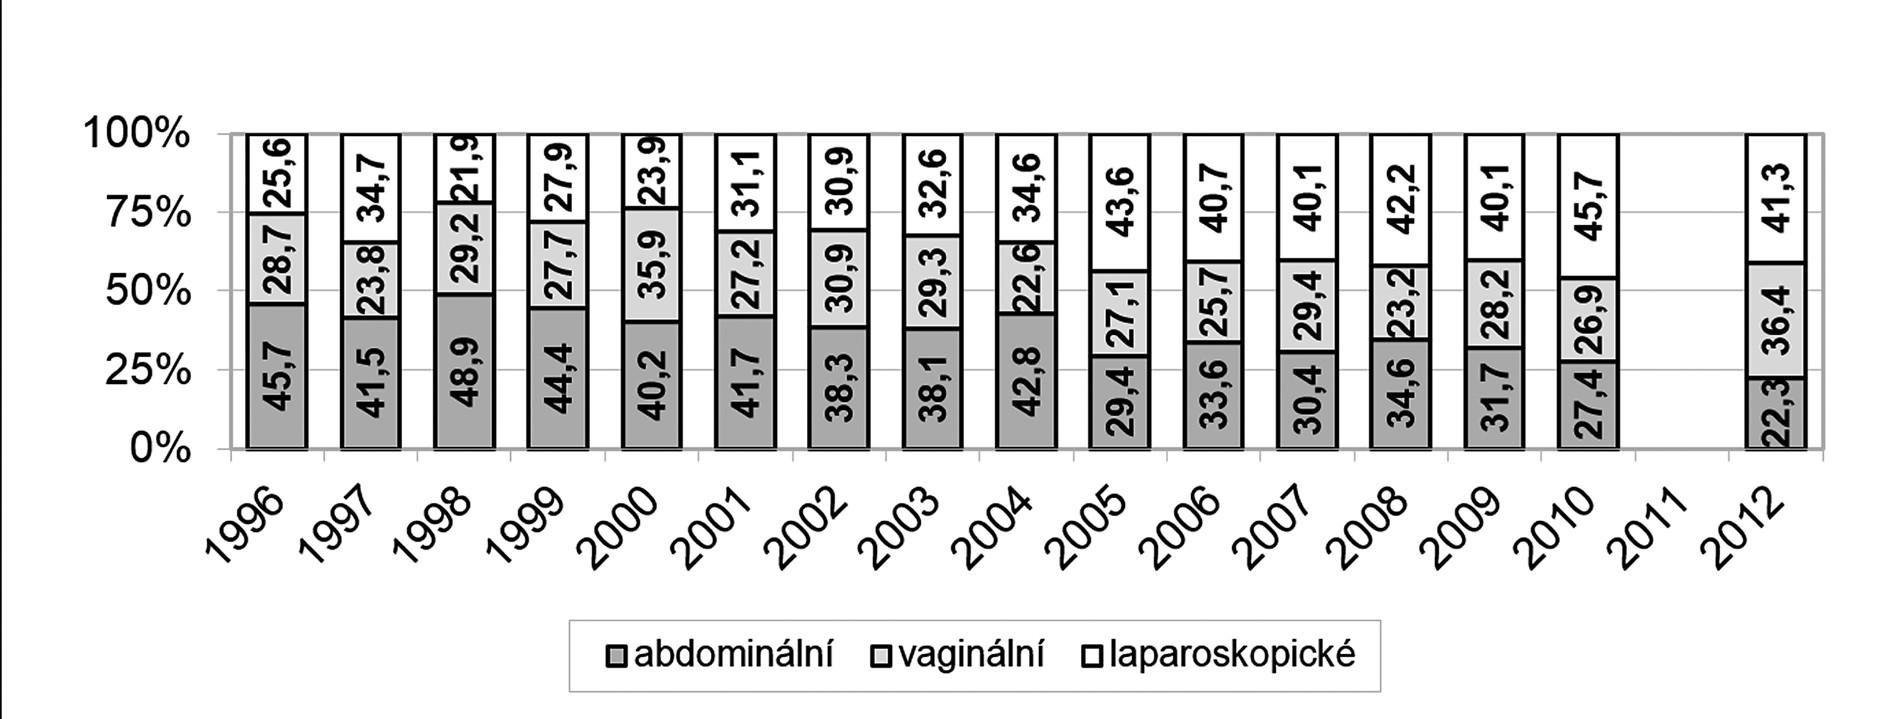 Abdominální, vaginální a laparoskopické hysterektomie – vývoj v letech 1996 až 2012